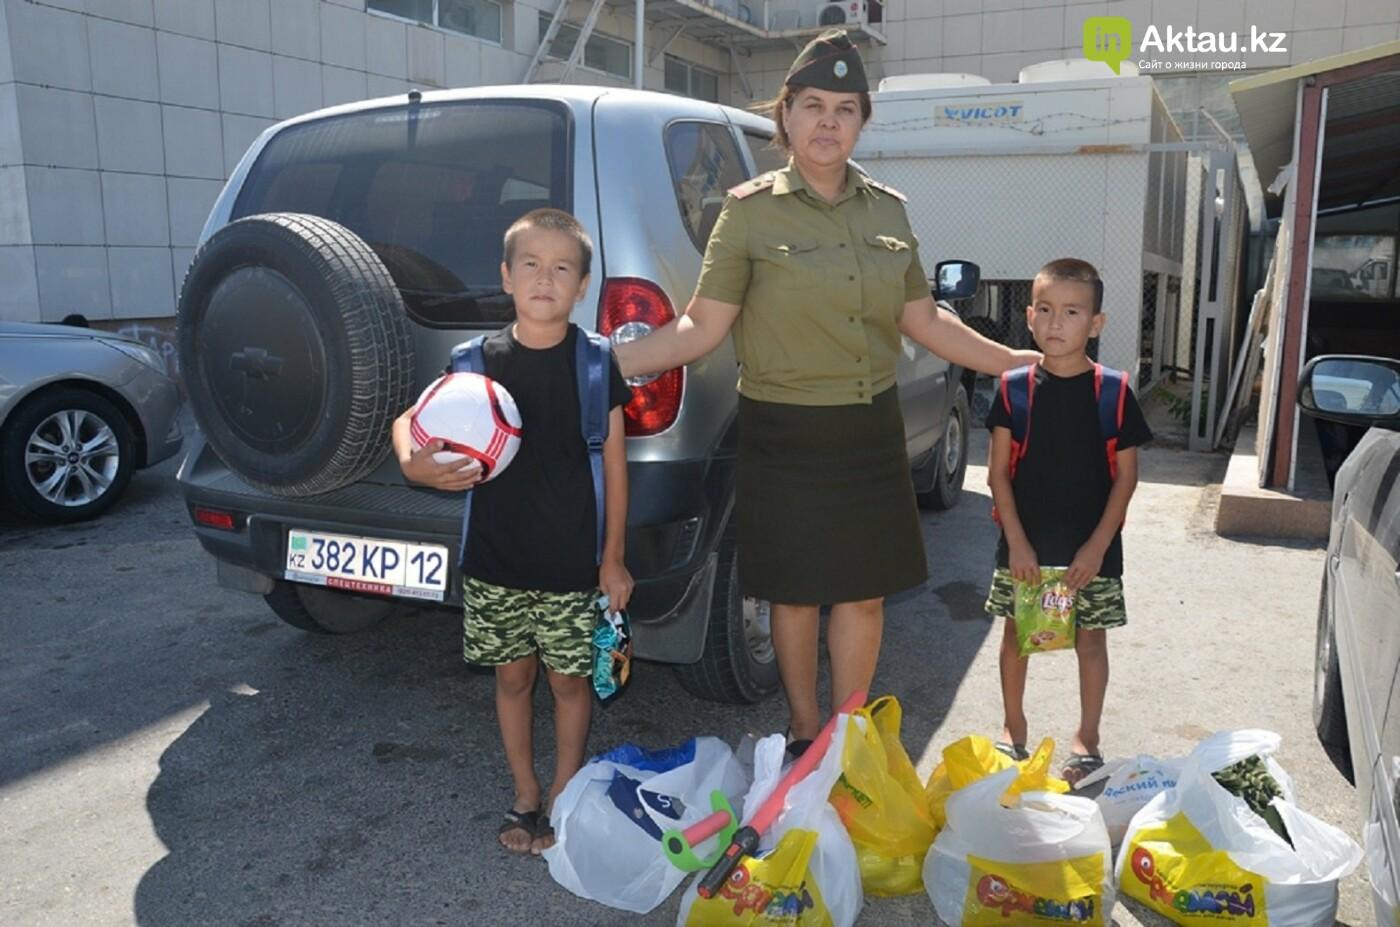 #творидобро: пожарные Актау помогли многодетной матери  собрать детей в школу , фото-1